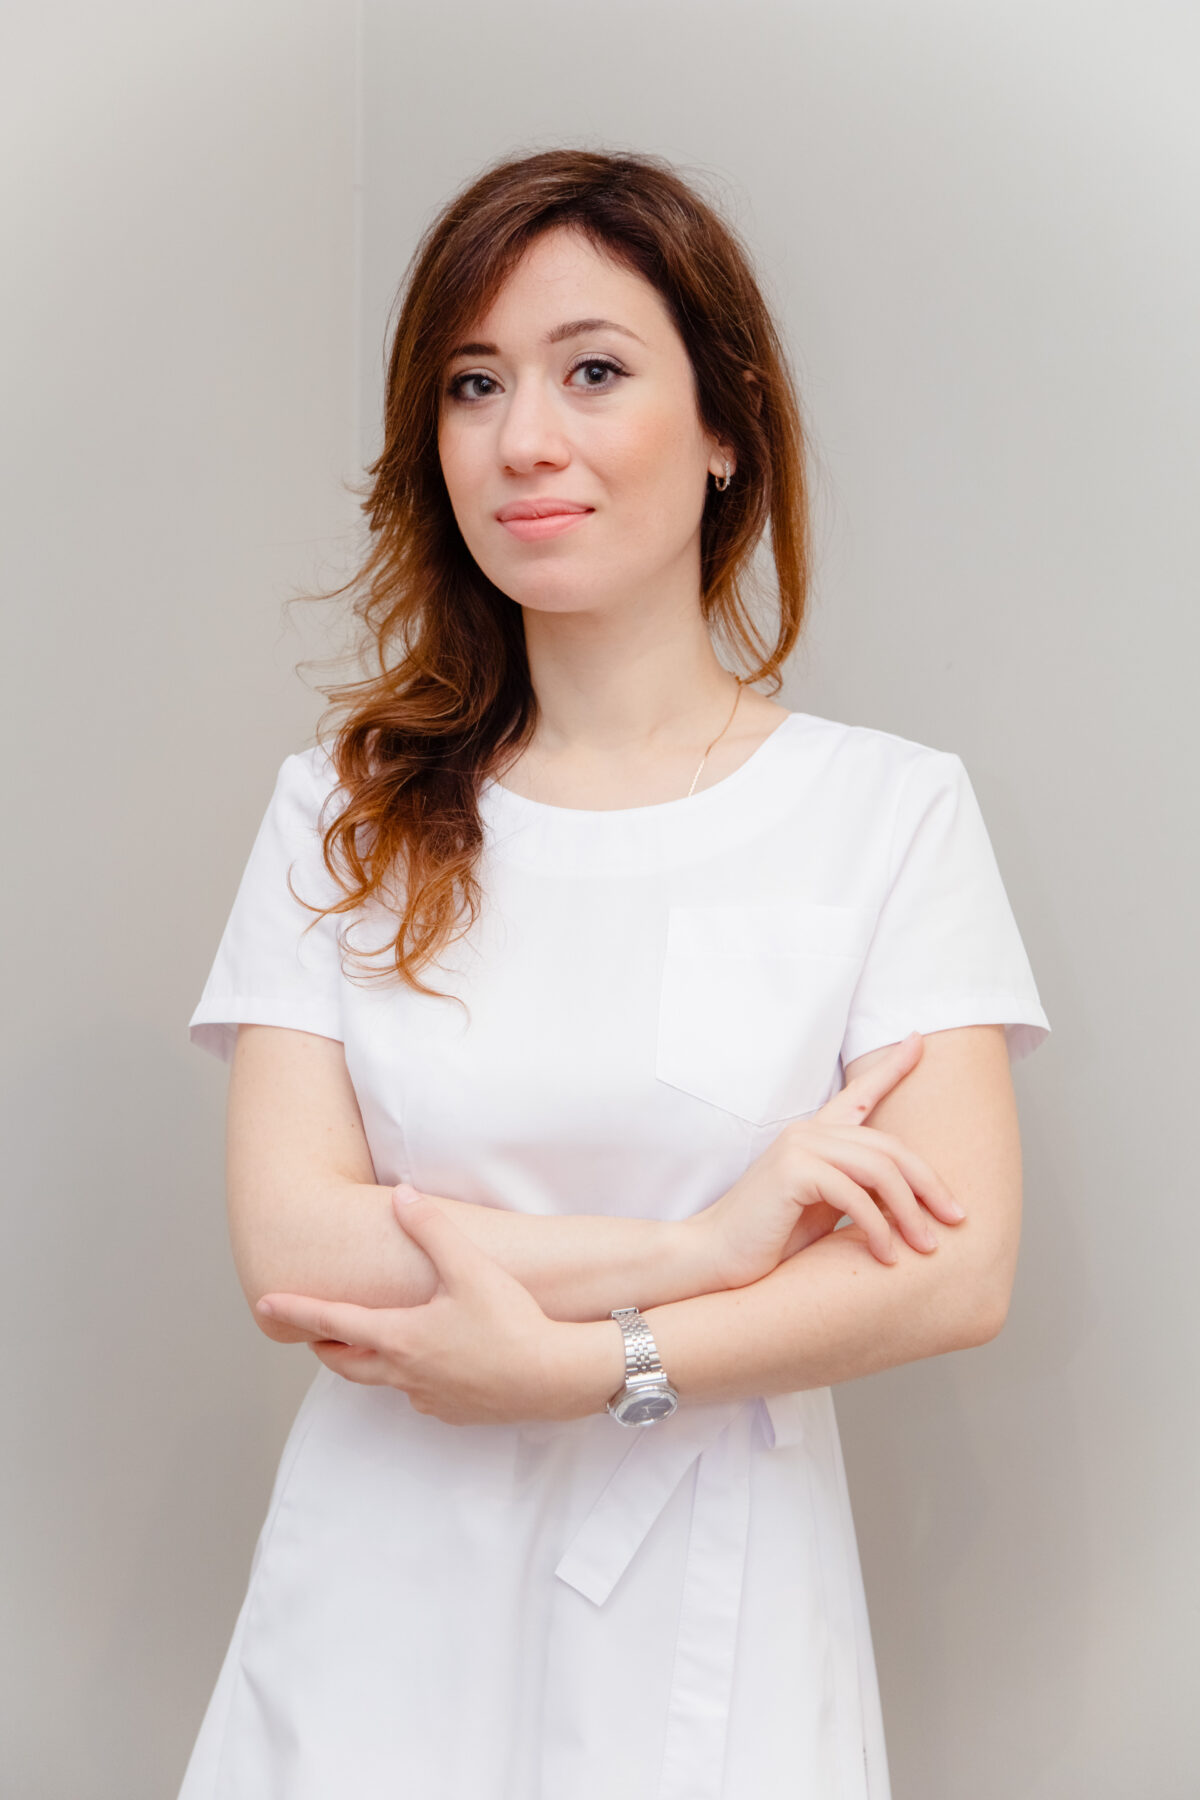 Колбая Кэтино Сосоевна